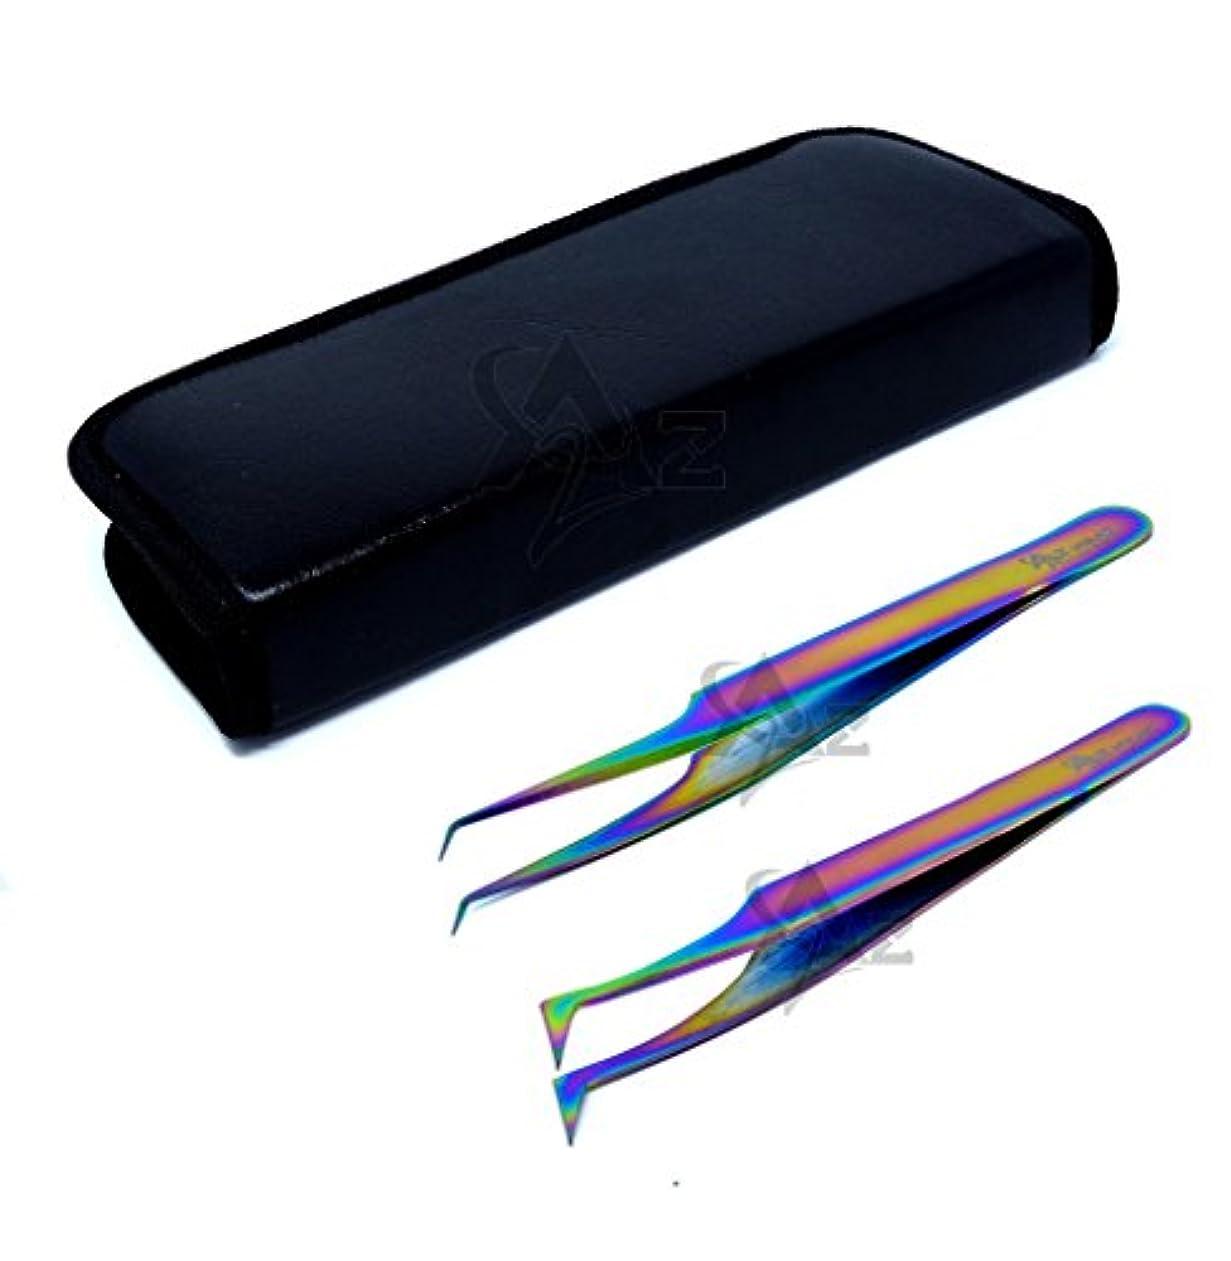 漫画四面体壁A2Z 2本のステンレス鋼マルチチタン虹色の3dまつ毛エクステンションピンセットプロストレートアングル+セミアングル細かい点のセット